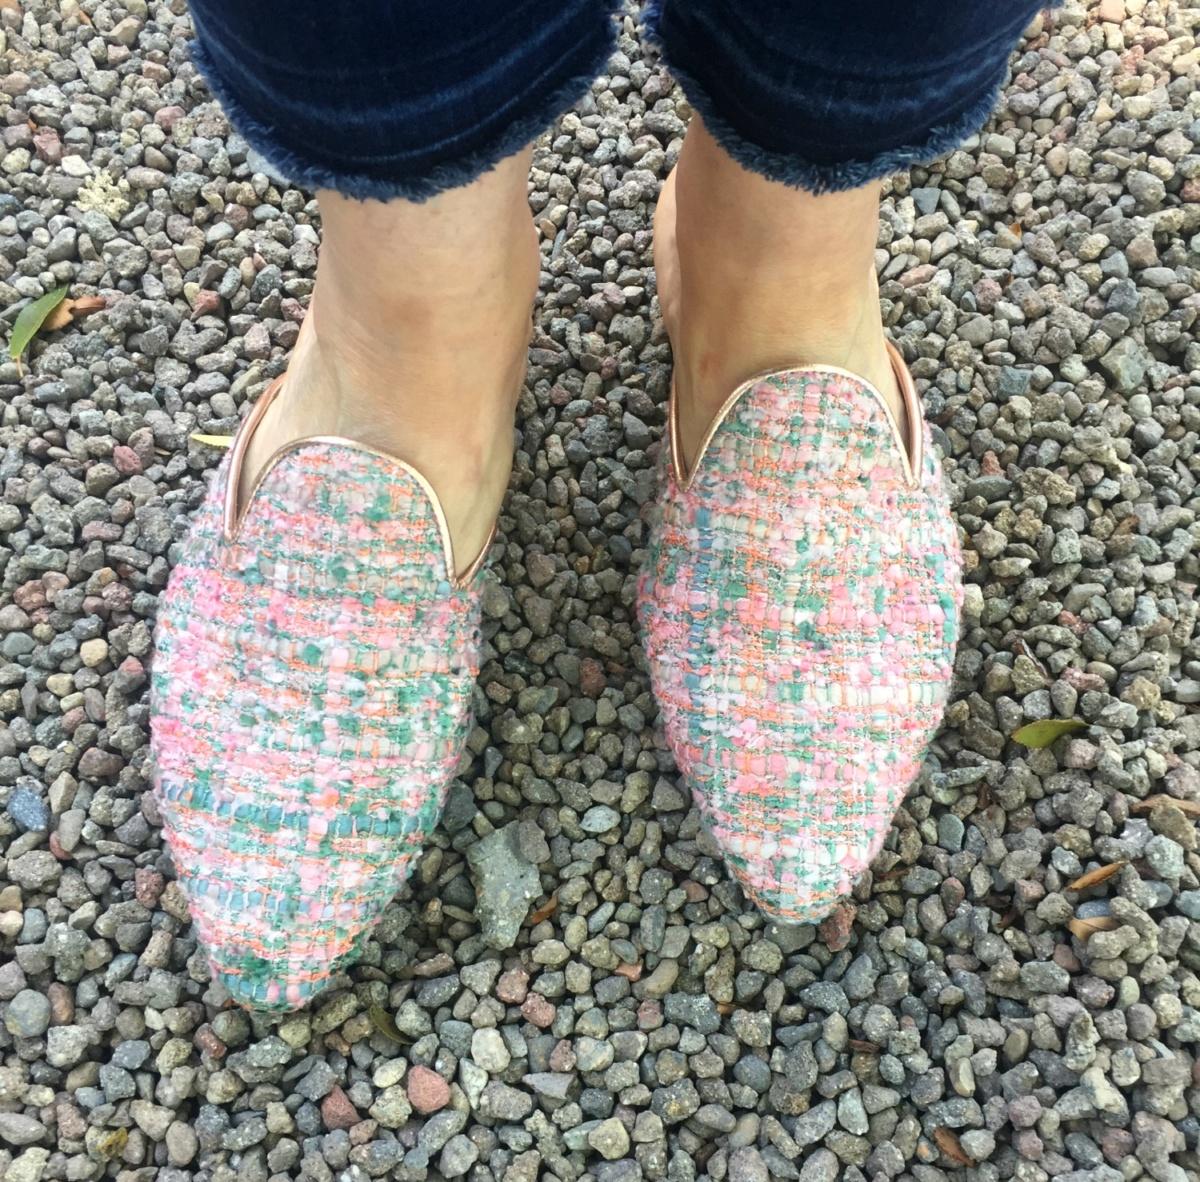 Chatelles pink tweed mules. Details at une femme d'un certain age.